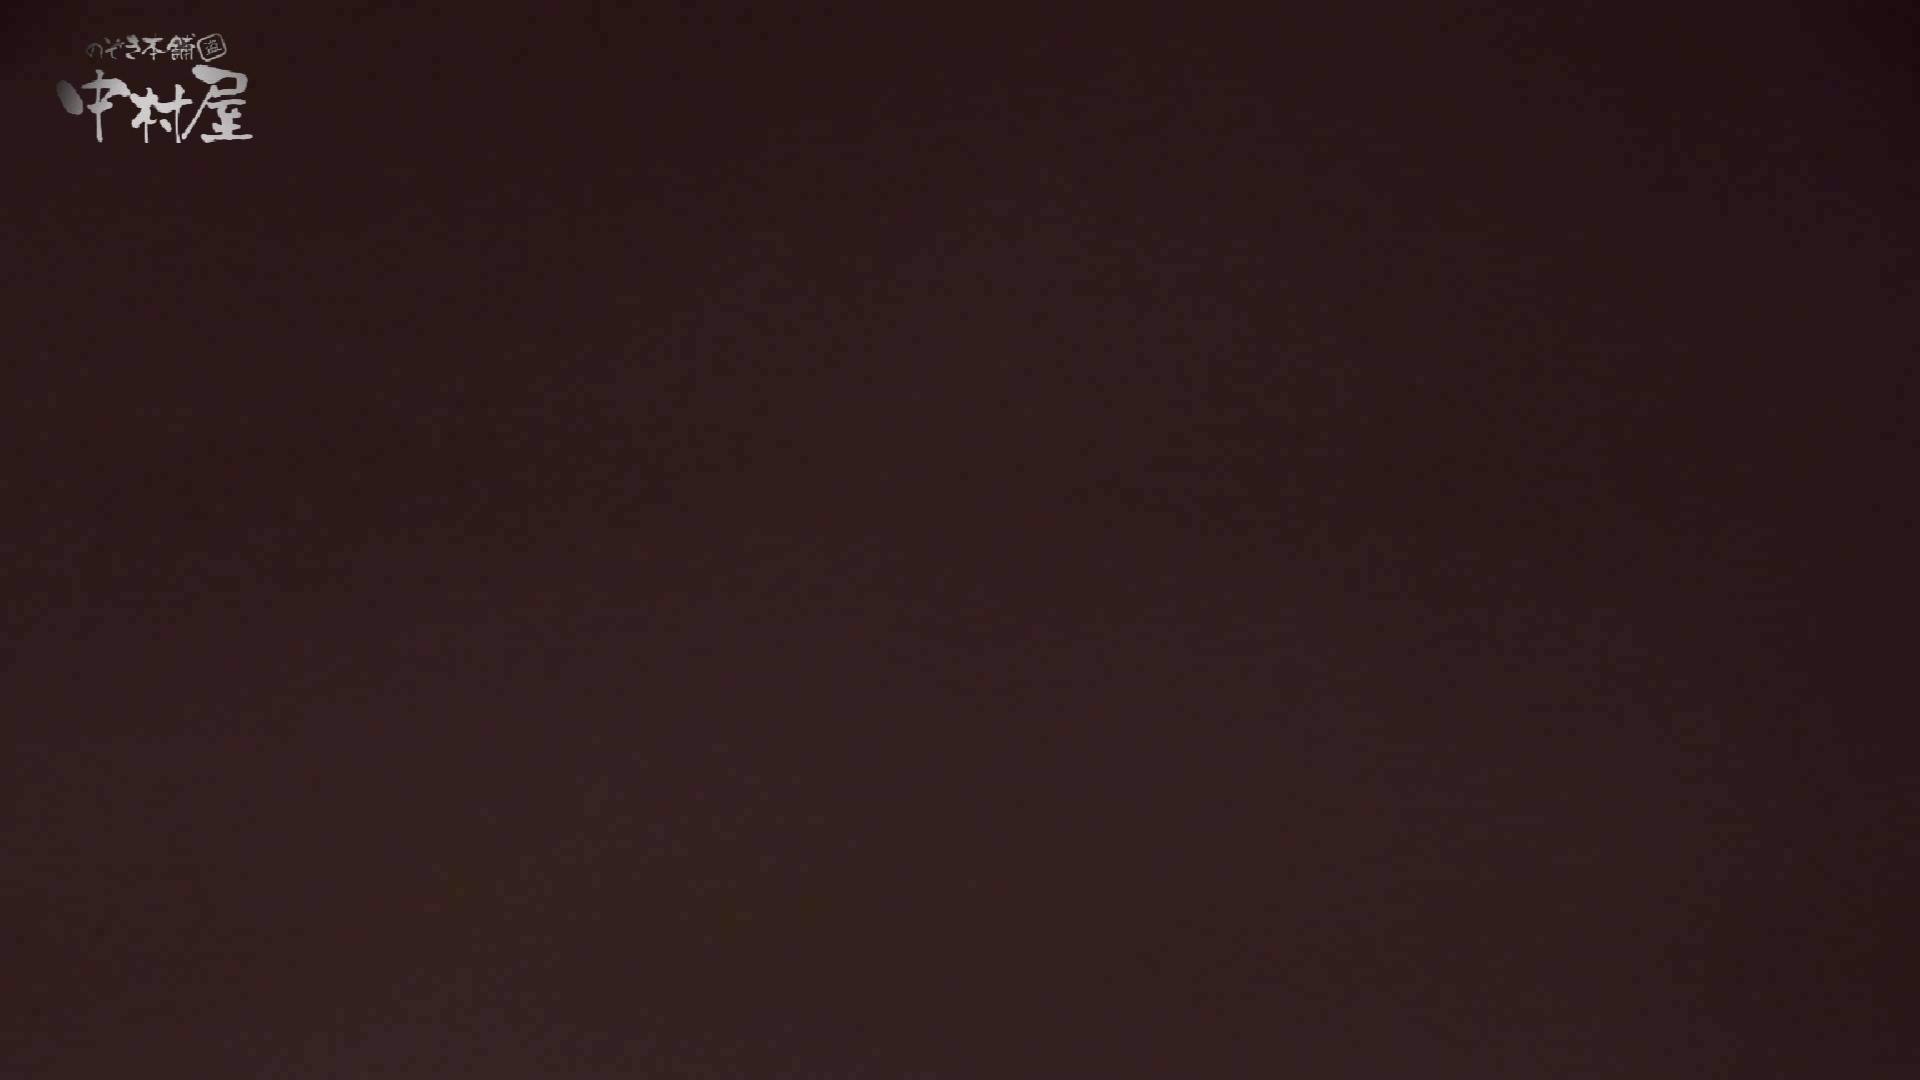 洗面所突入レポート!!vol.17 女子トイレ編 ワレメ動画紹介 83PIX 8